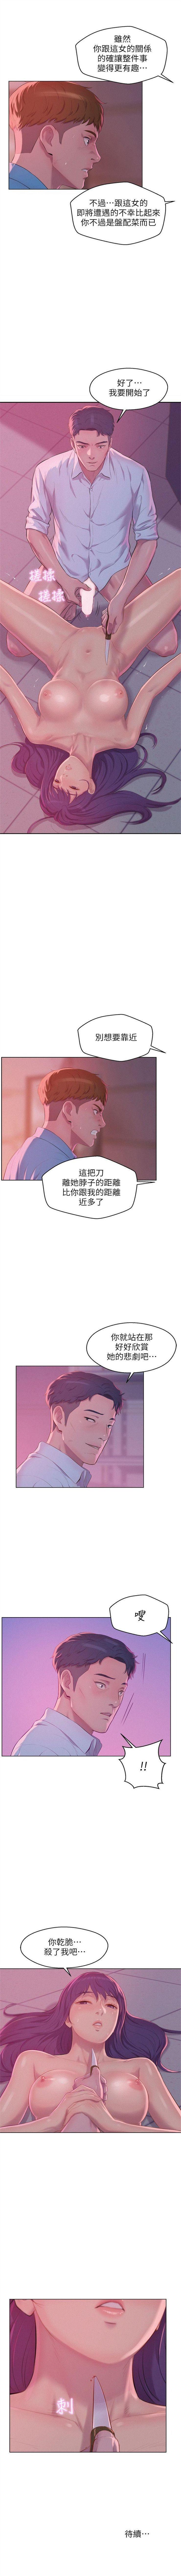 新生淫乱日记 1-61完结(中文) 285